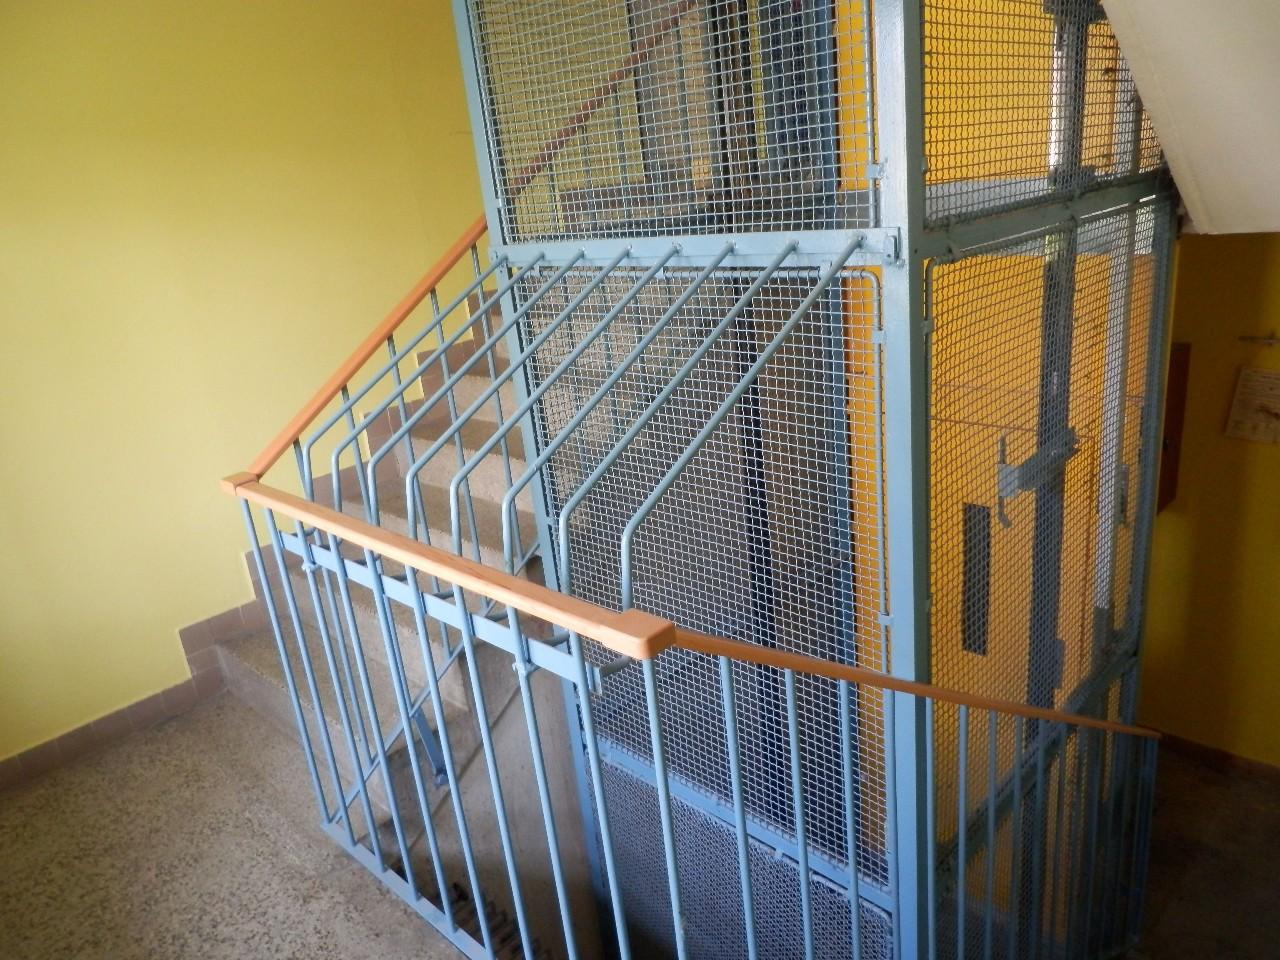 Výtahy, generální servis, revize a opravy, montáže výtahů